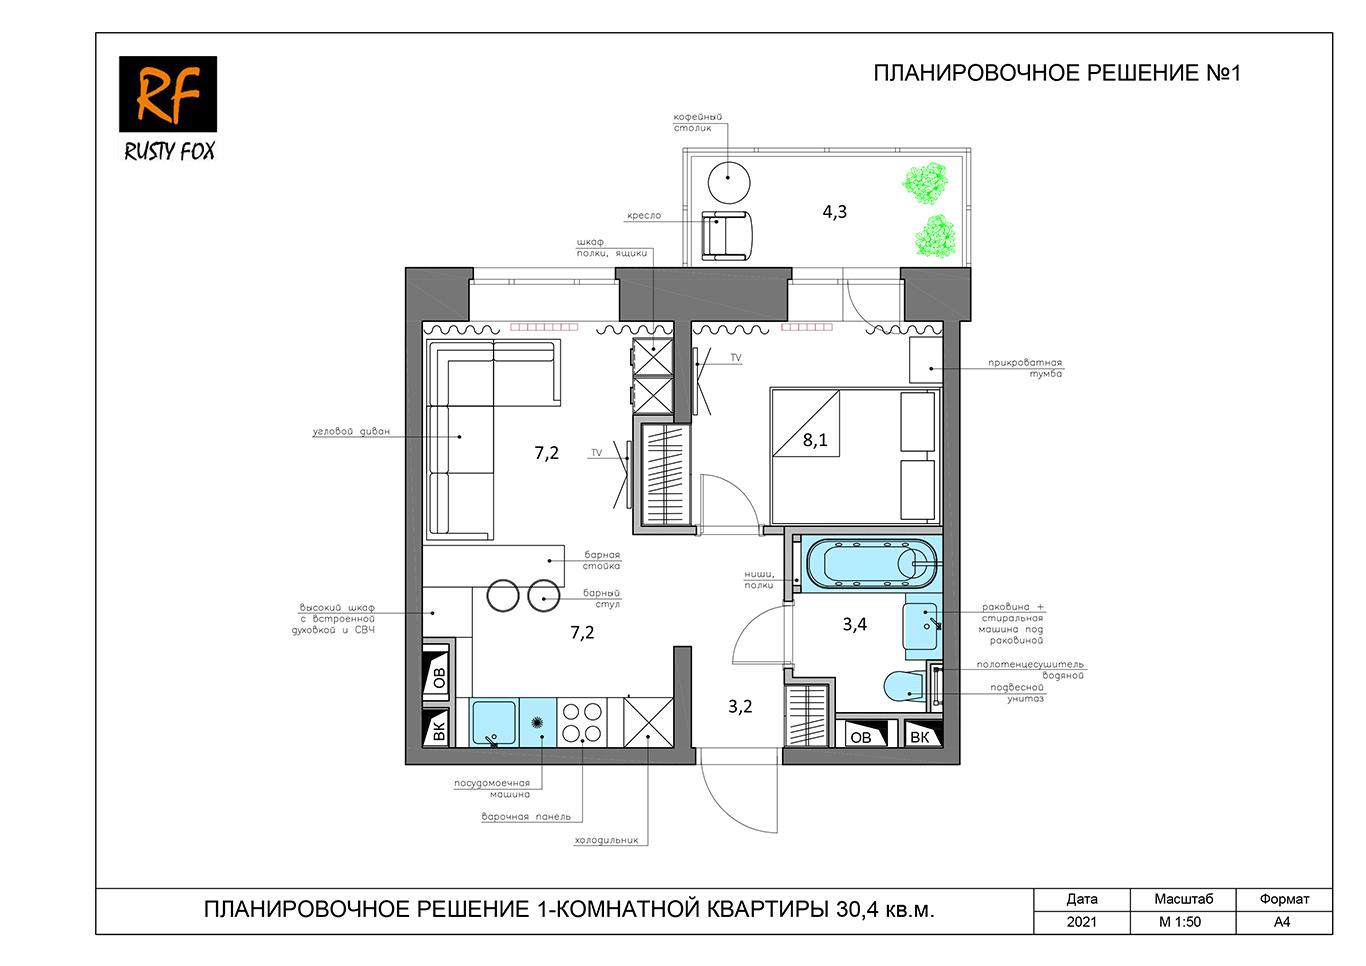 ЖК Люберцы корпус 52, секция 1. Планировочное решение №1 1-комнотной квартира 30,4 кв.м.